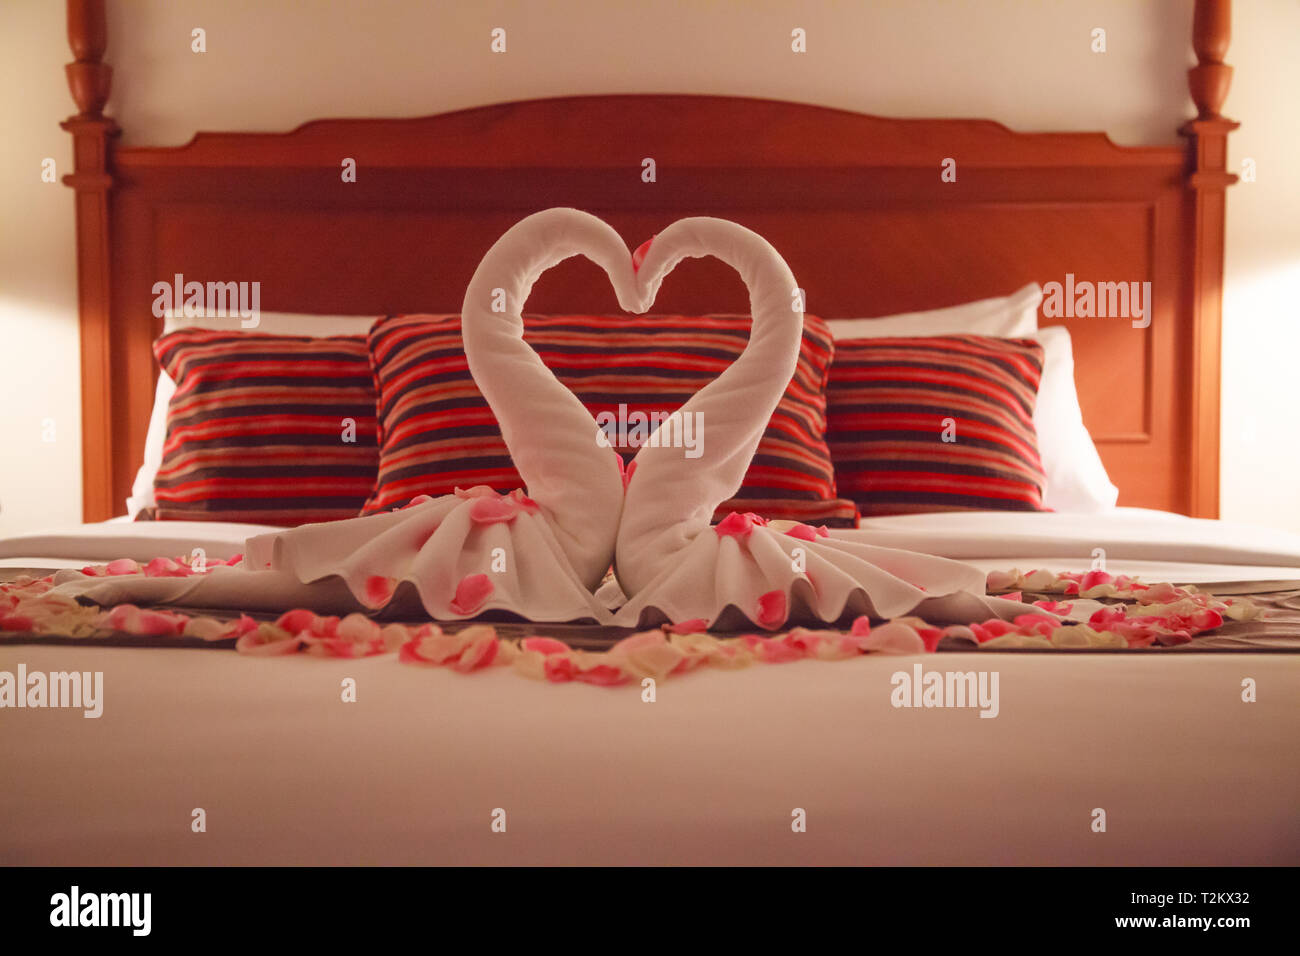 https www alamyimages fr chambre a coucher romantique interieur kissing swan serviettes origami rose frais et parseme de petales de rose blanche decoration sur le lit pour couple weddin image242612022 html